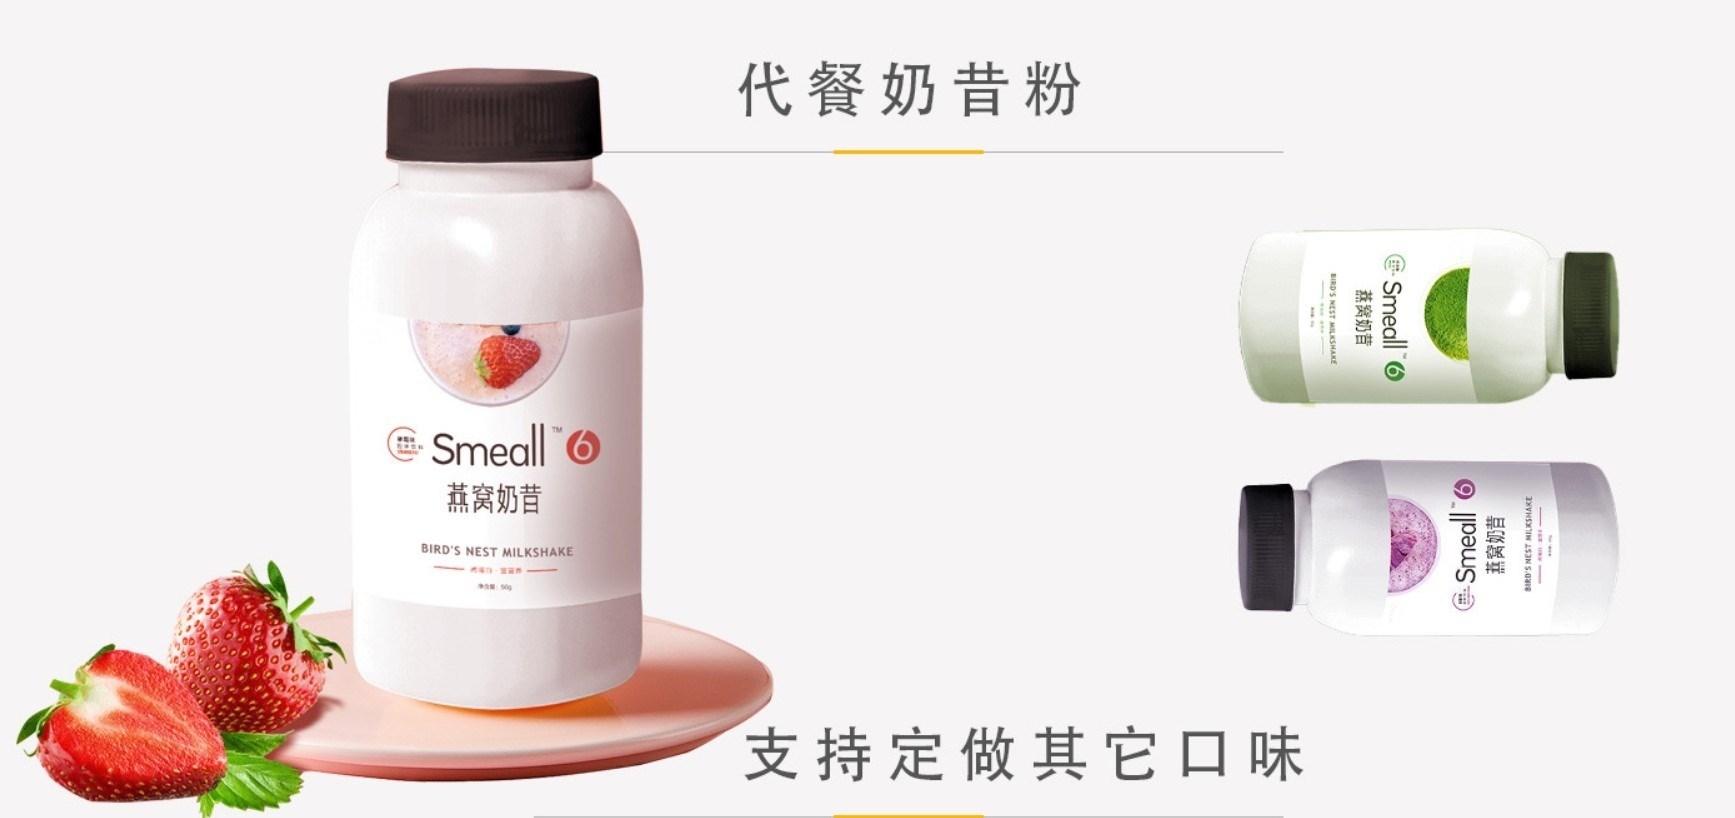 电商瓶装藜麦代餐粉奶昔/生酮多维代餐粉OEM/ODM工厂